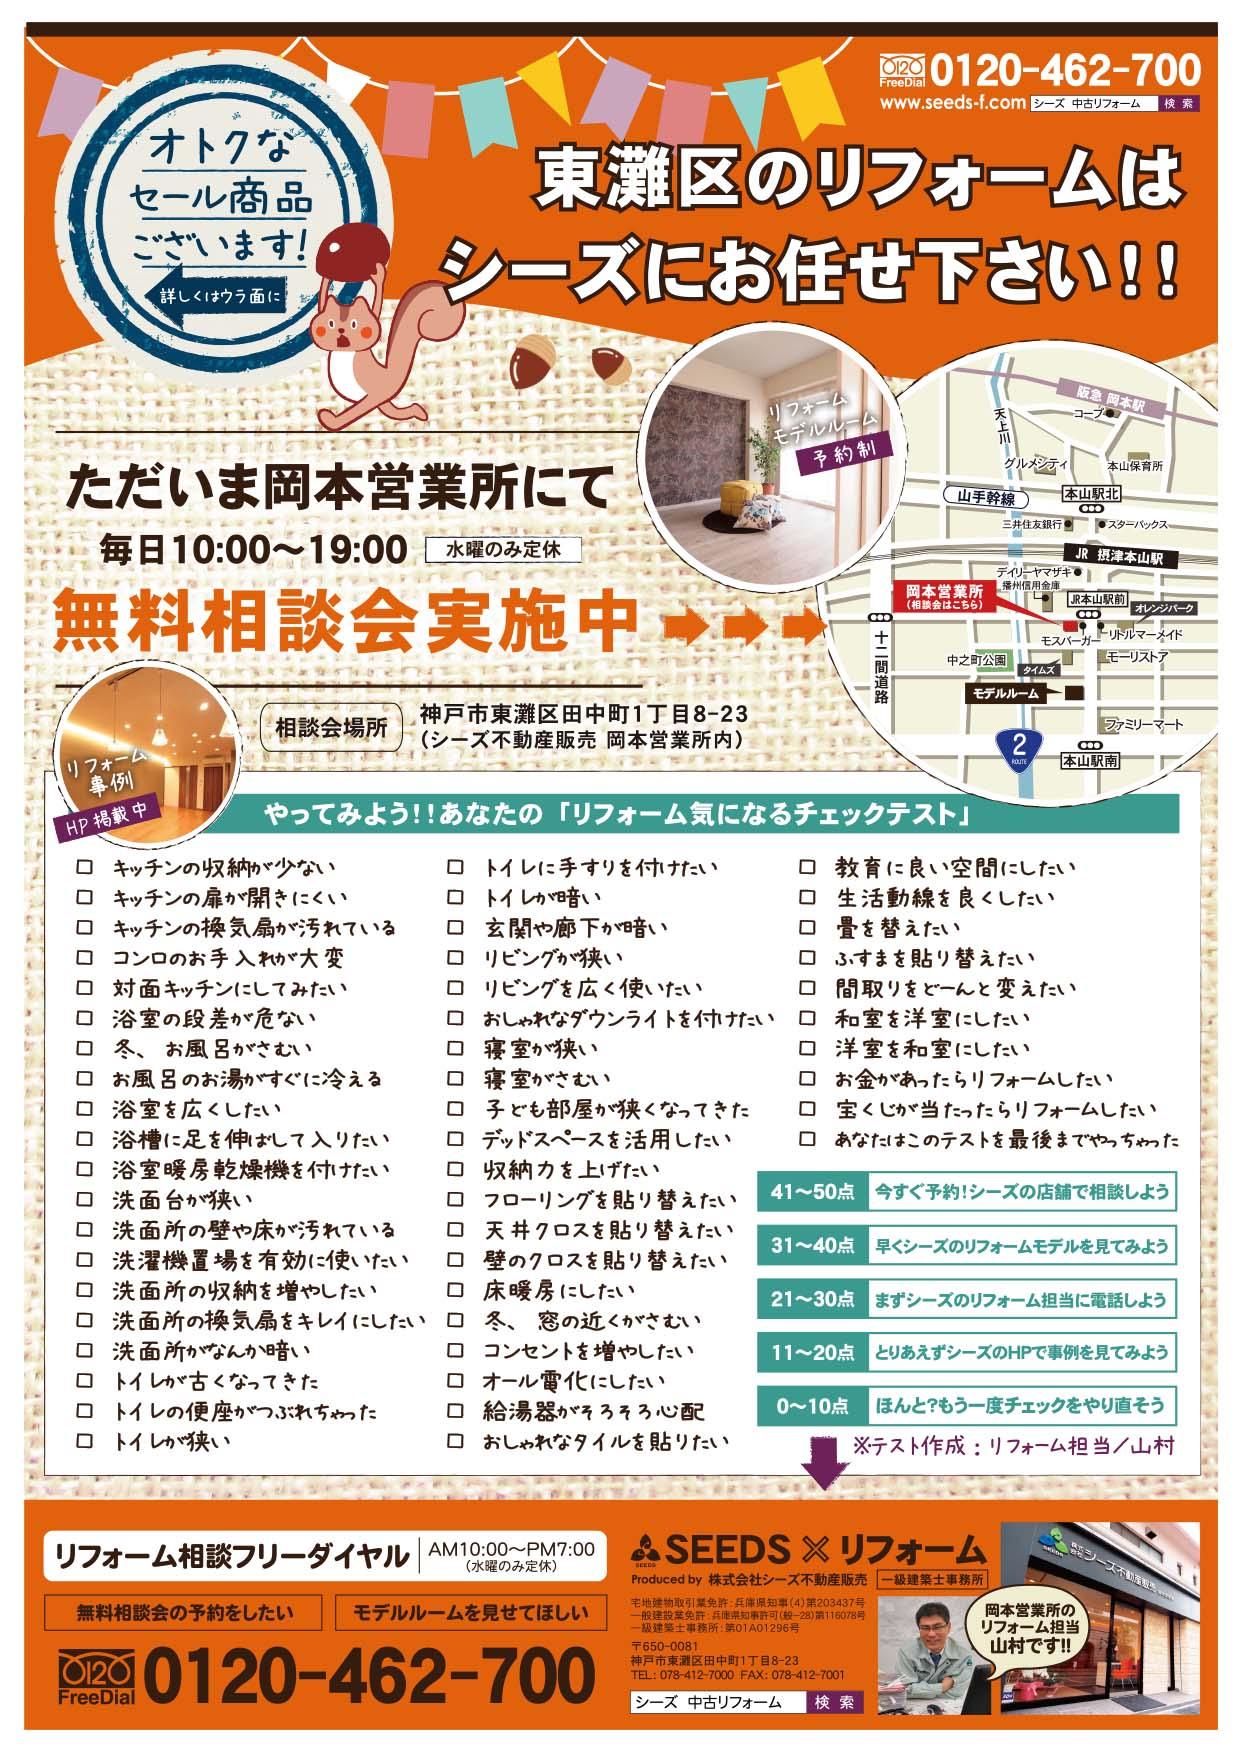 9月16日リフォーム宅配オモテ面(店舗相談会+